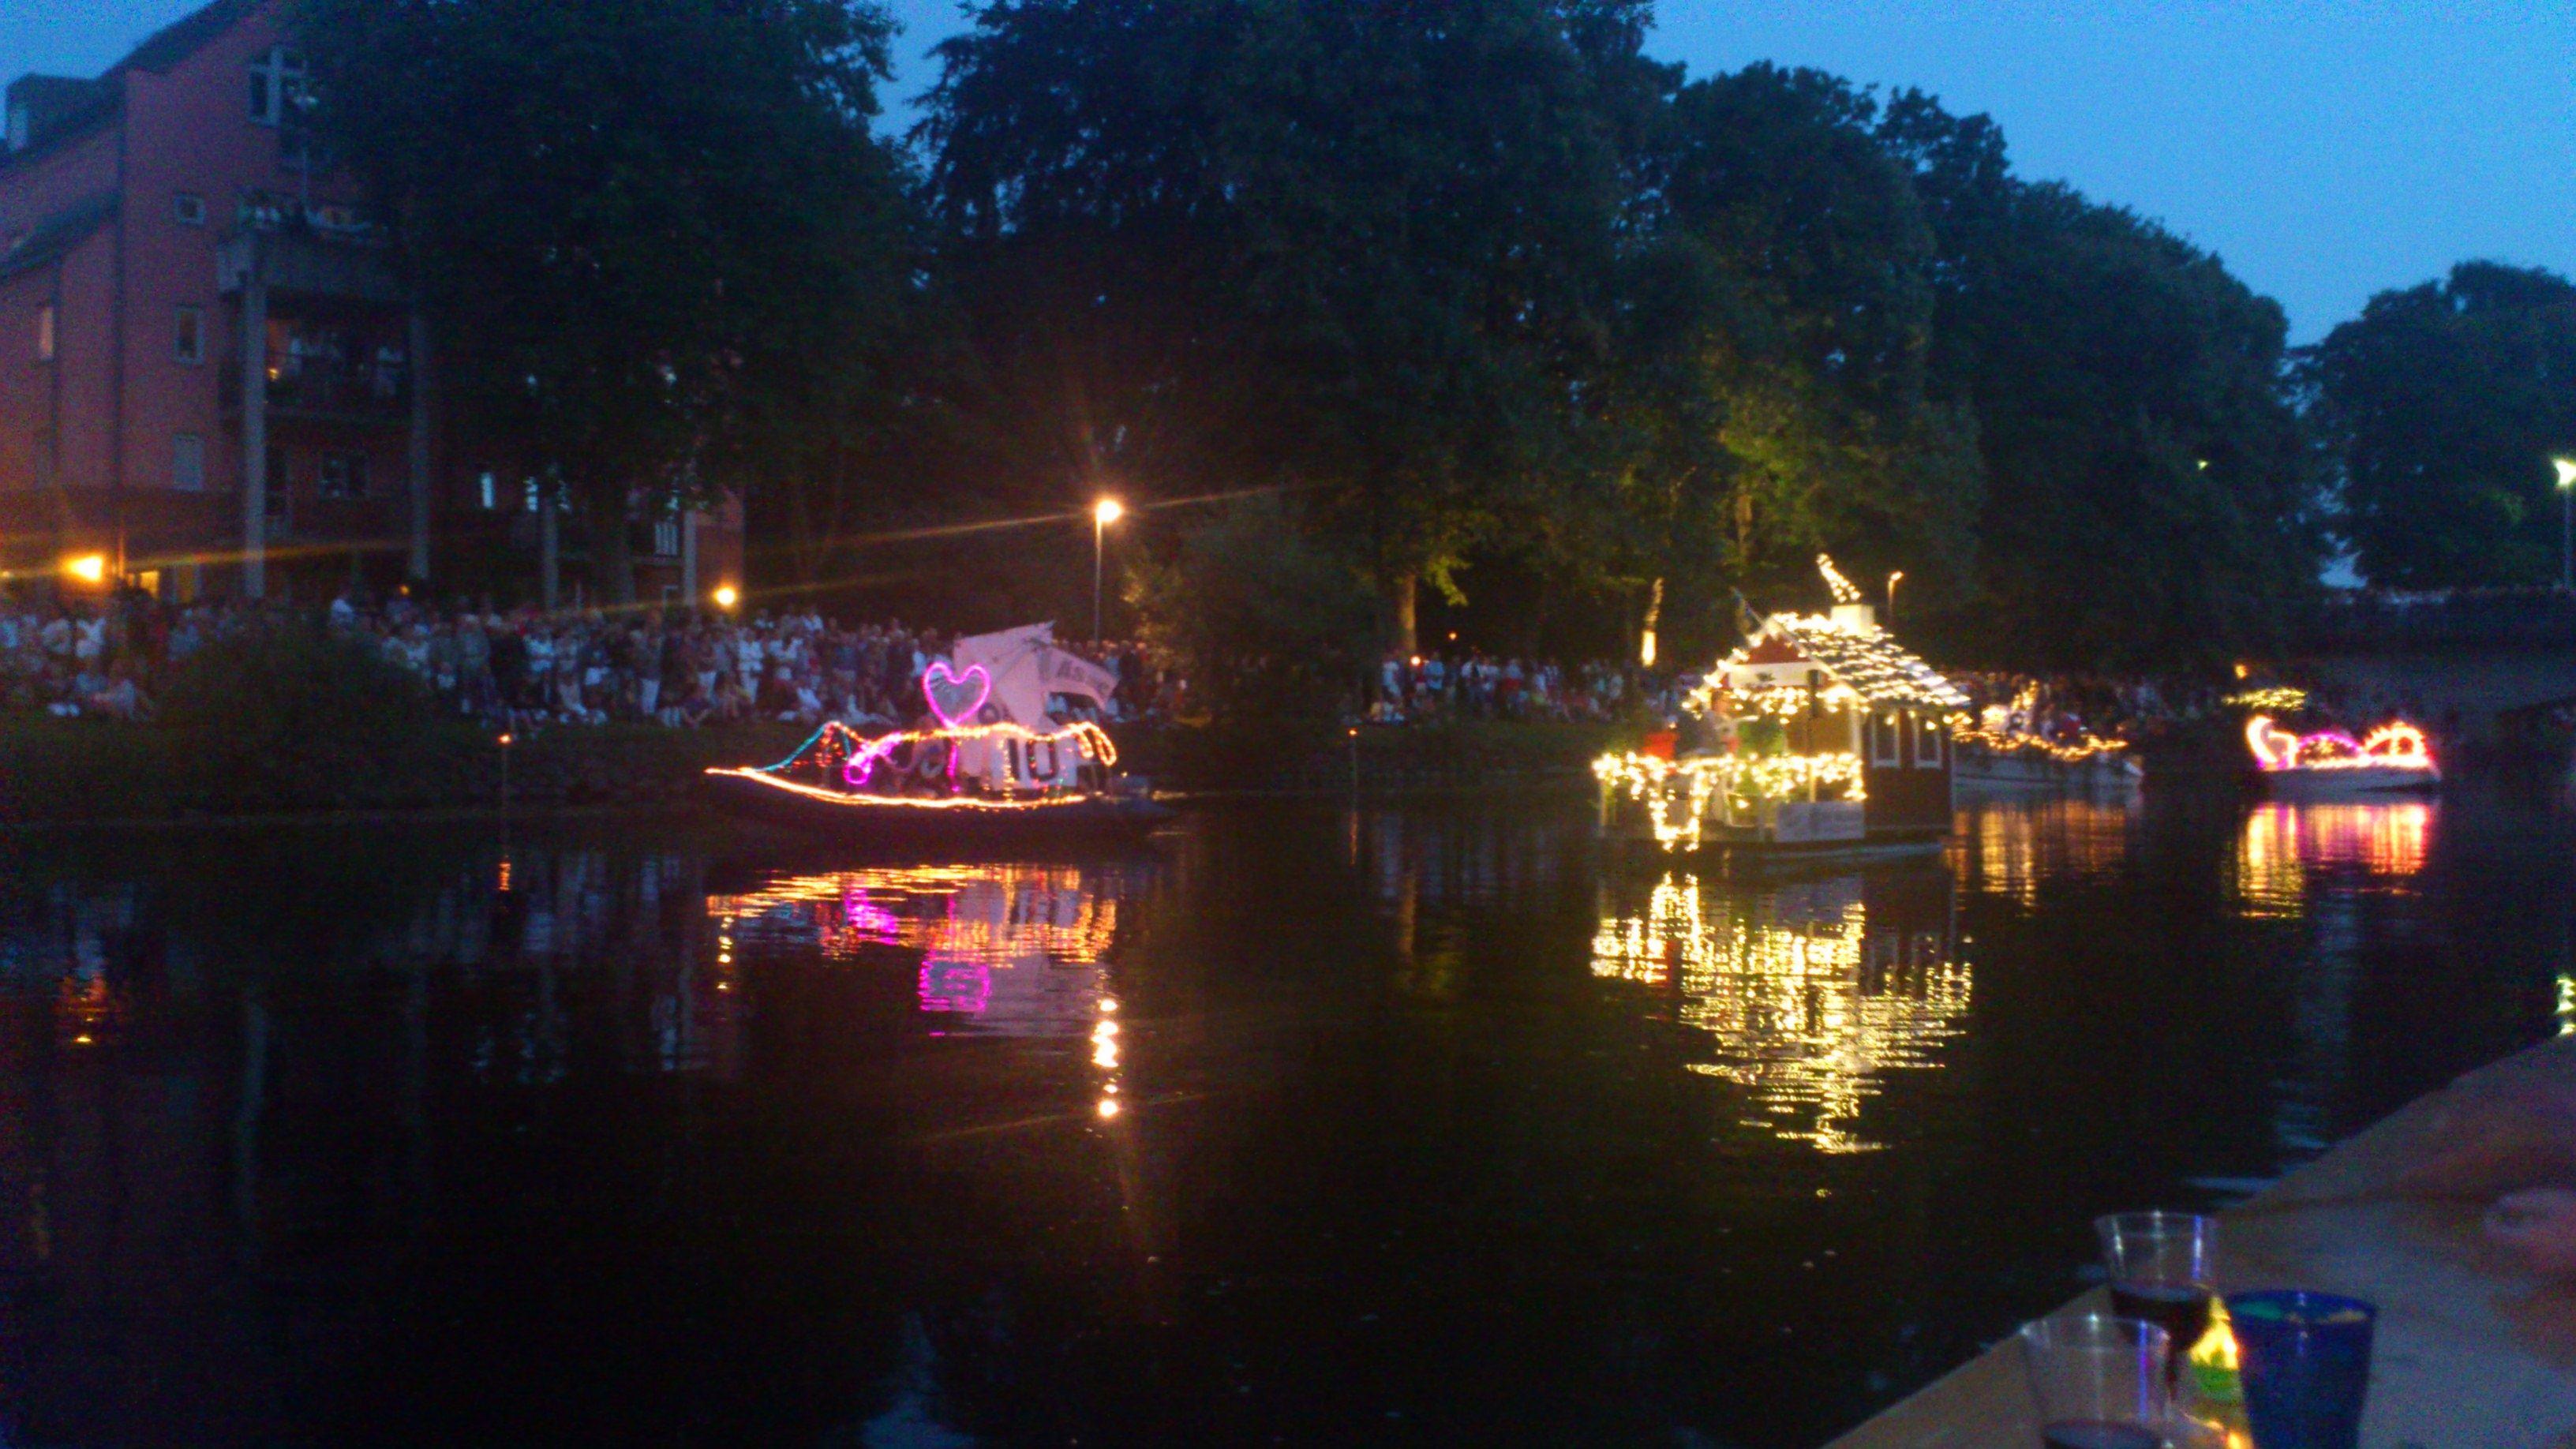 Festival of Lights at Rönne å